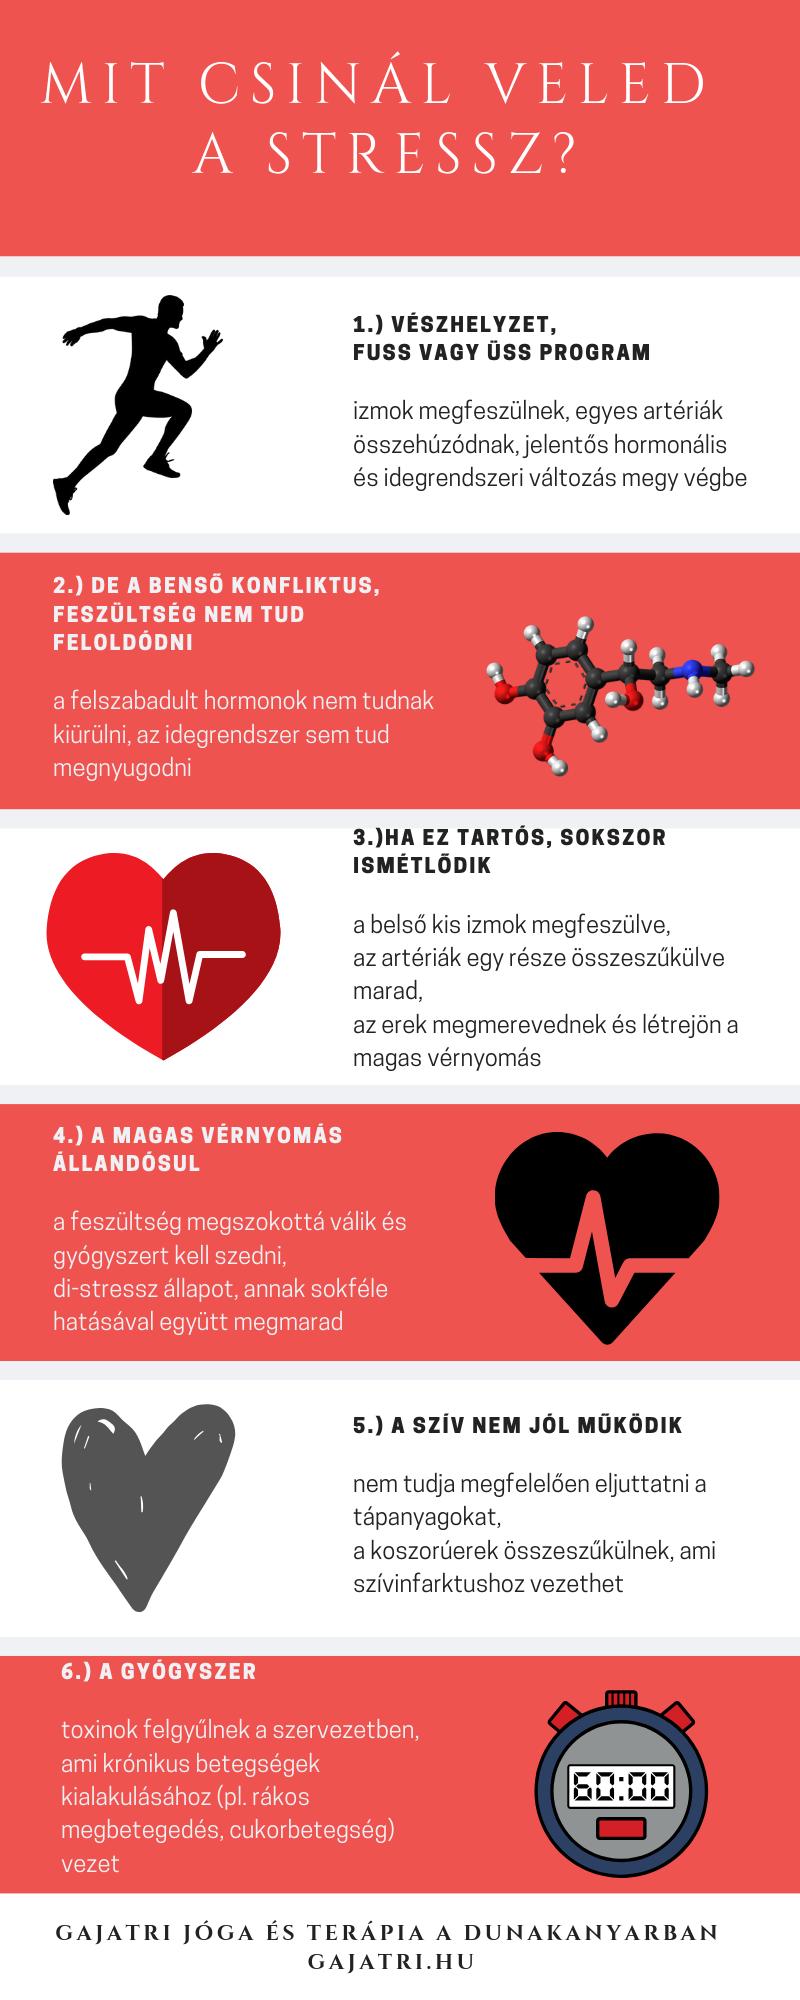 kapillárisok fejlesztésével megszabadulni a magas vérnyomástól magas vérnyomás az elítélteknél